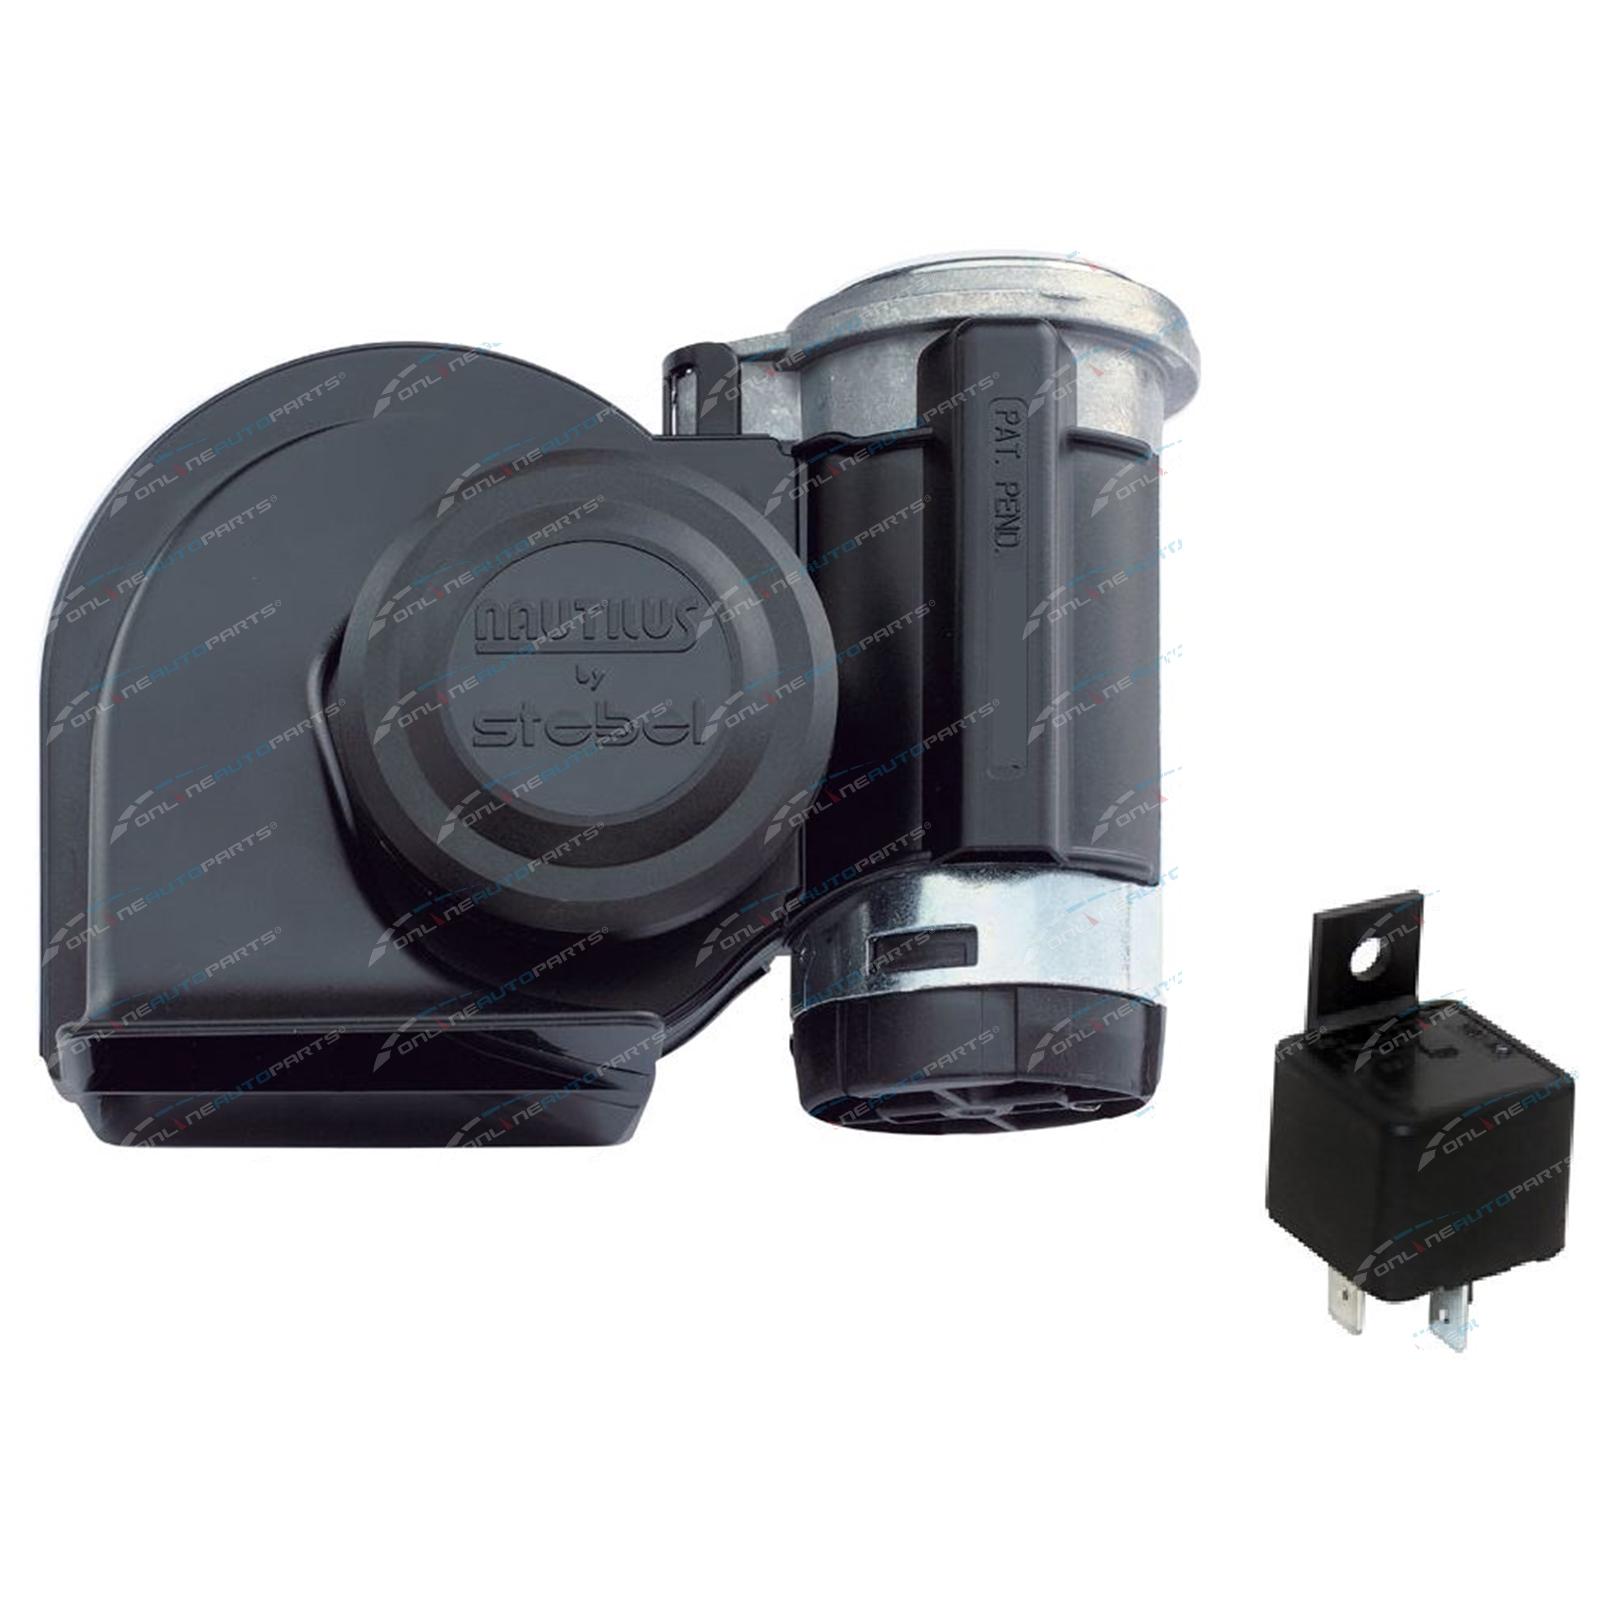 Stebel nautilus truck air horn black volt loud new with jpg 1600x1600 Air  horn battery starter